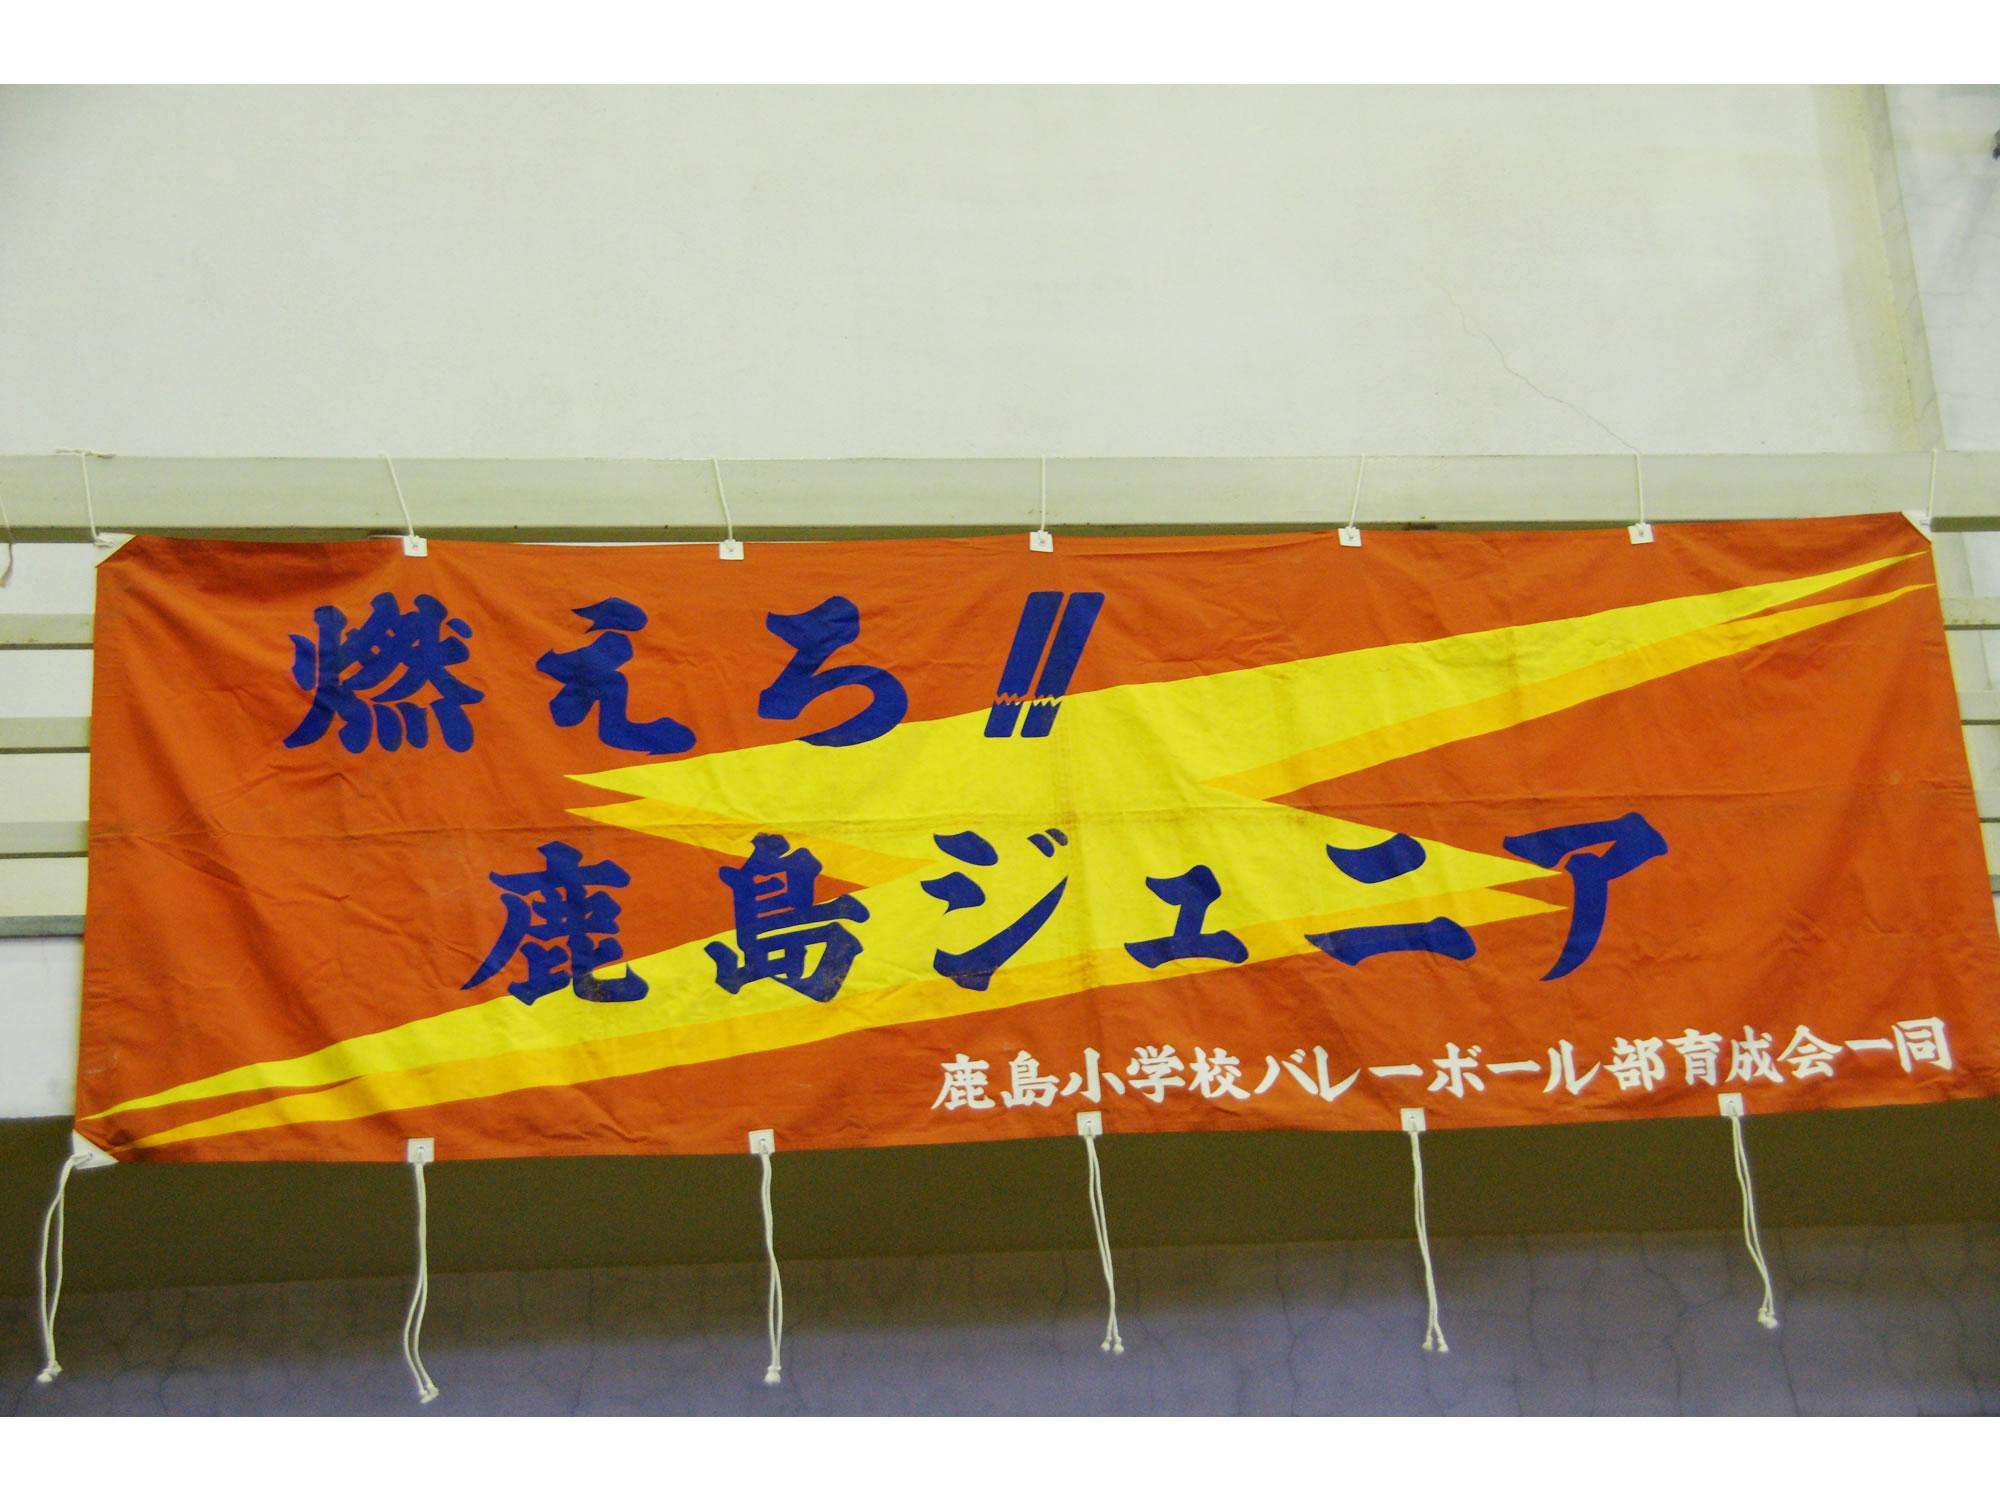 syousai-volleyball-02-b